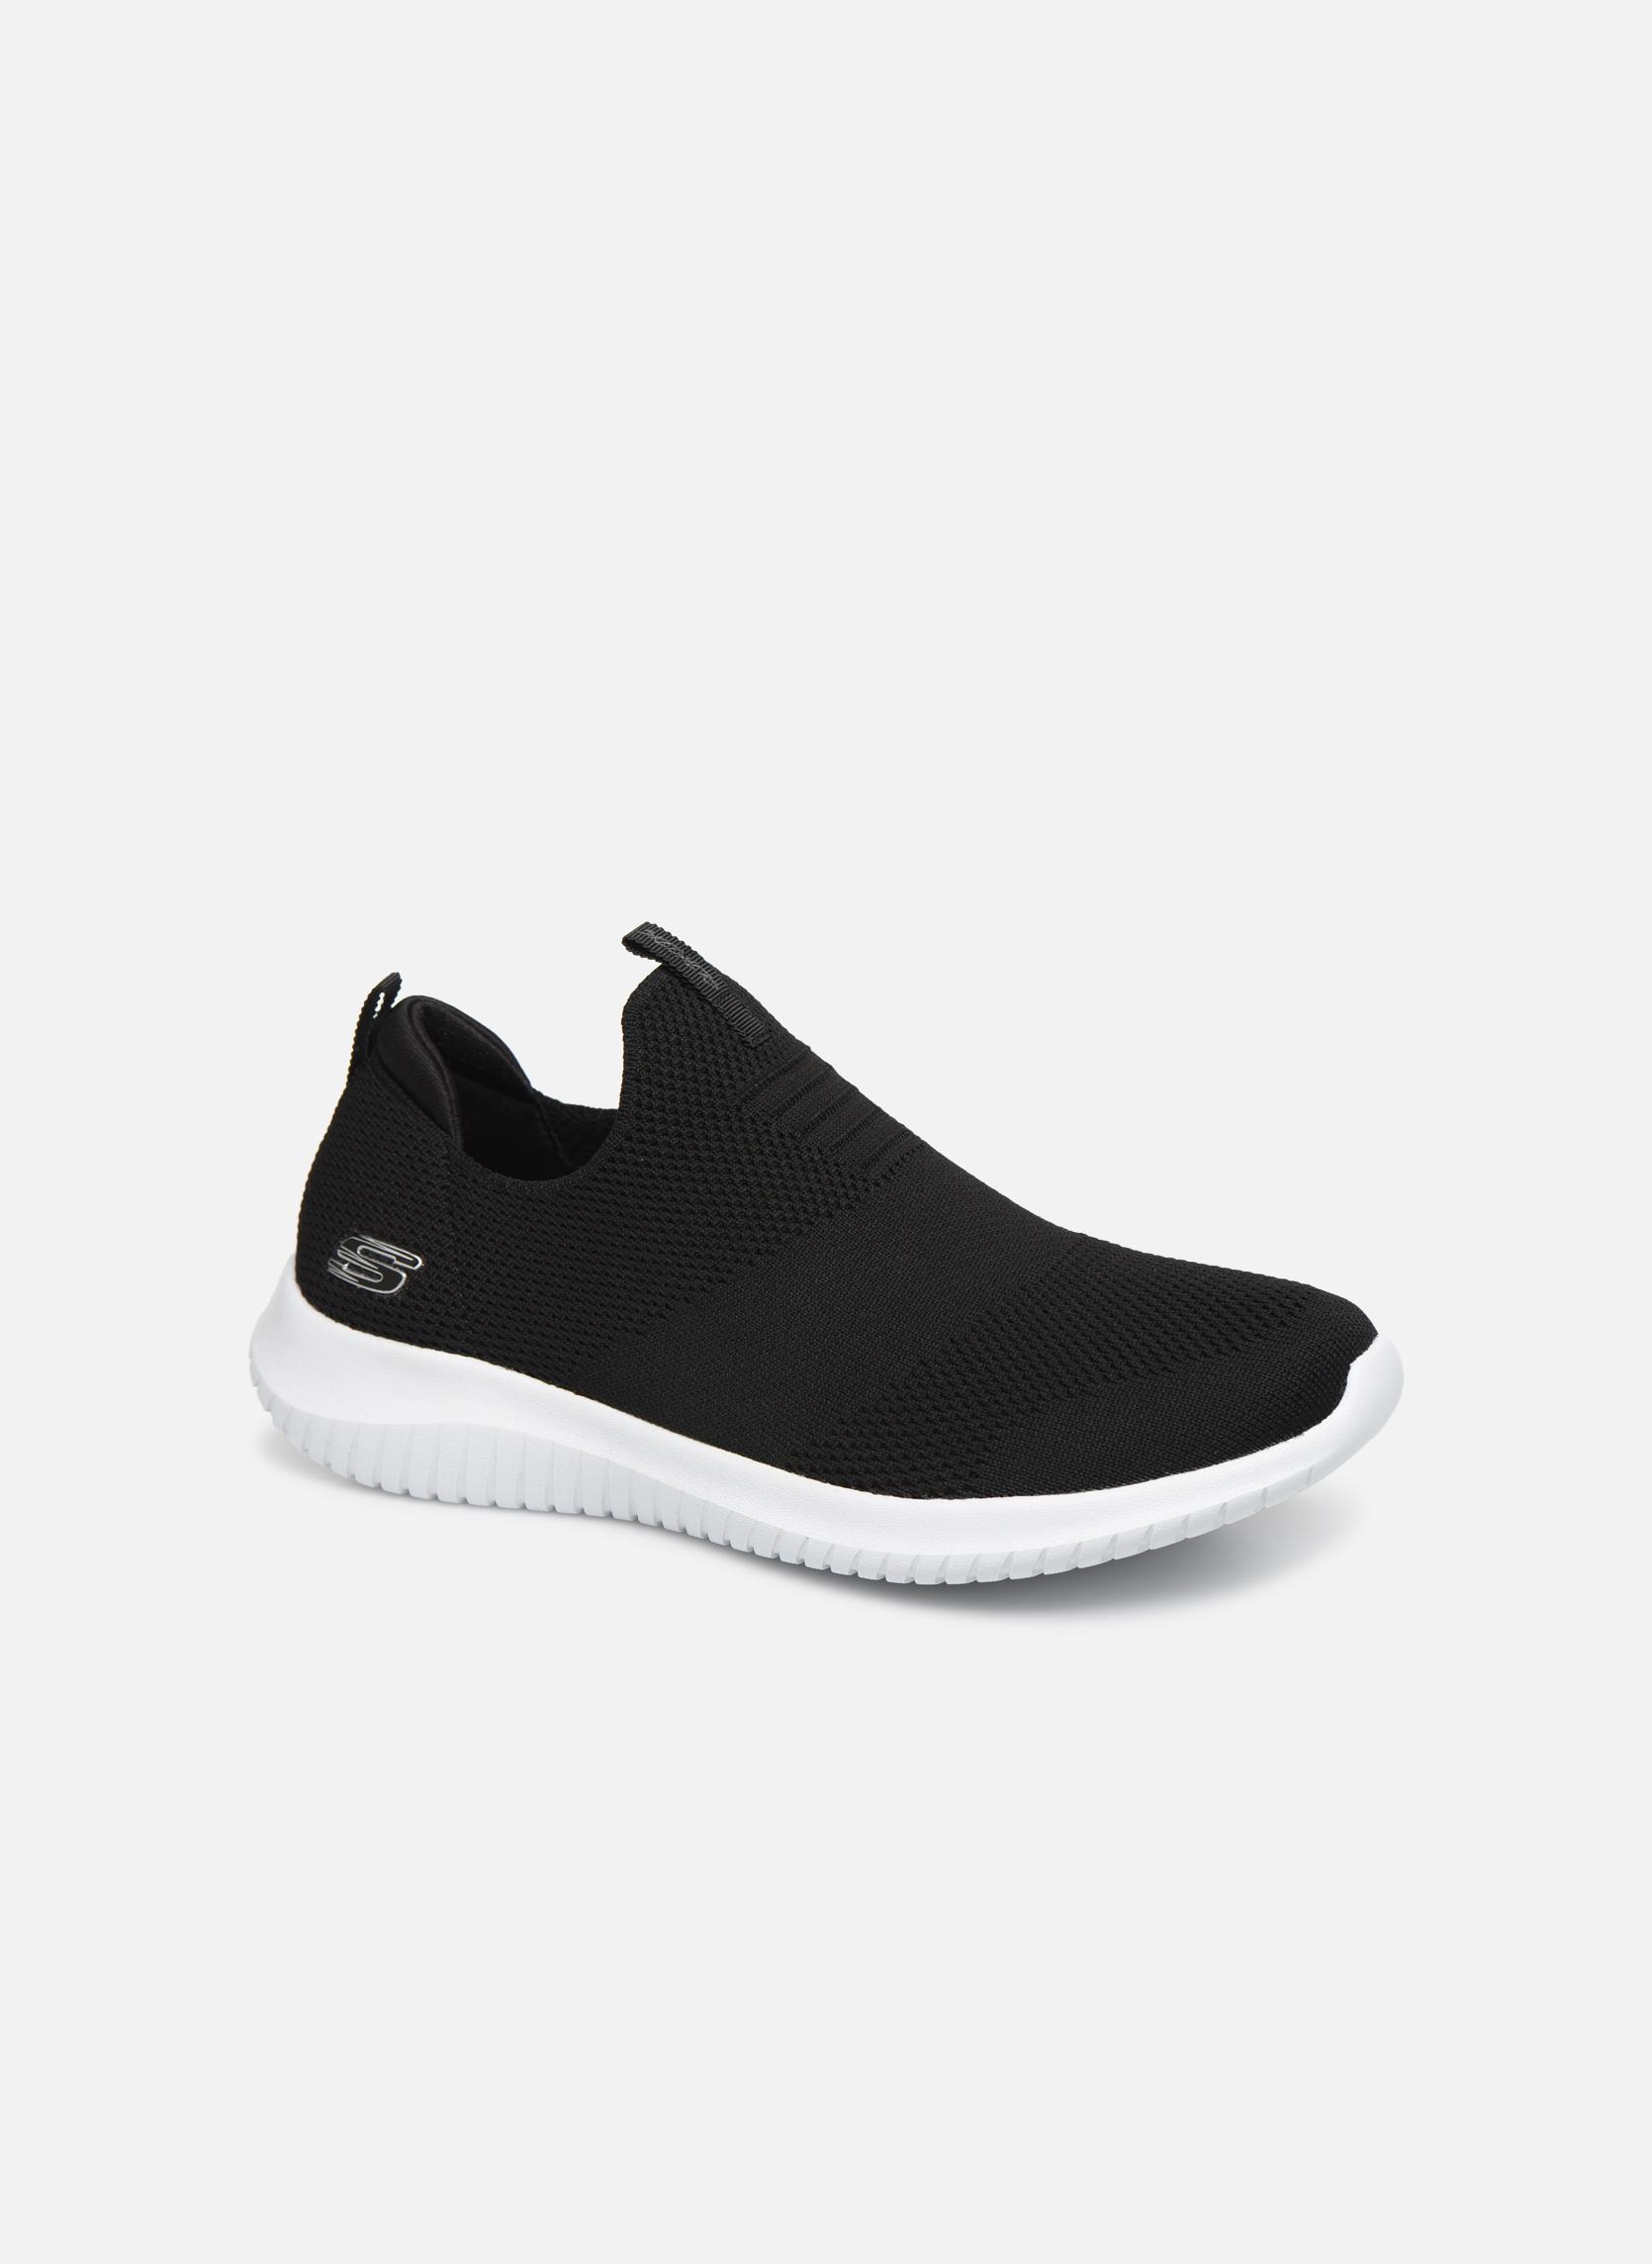 ZapatosSkechers Ultra - Flex First Take (Negro) - Ultra Zapatillas de deporte   Descuento de la marca cf91f6